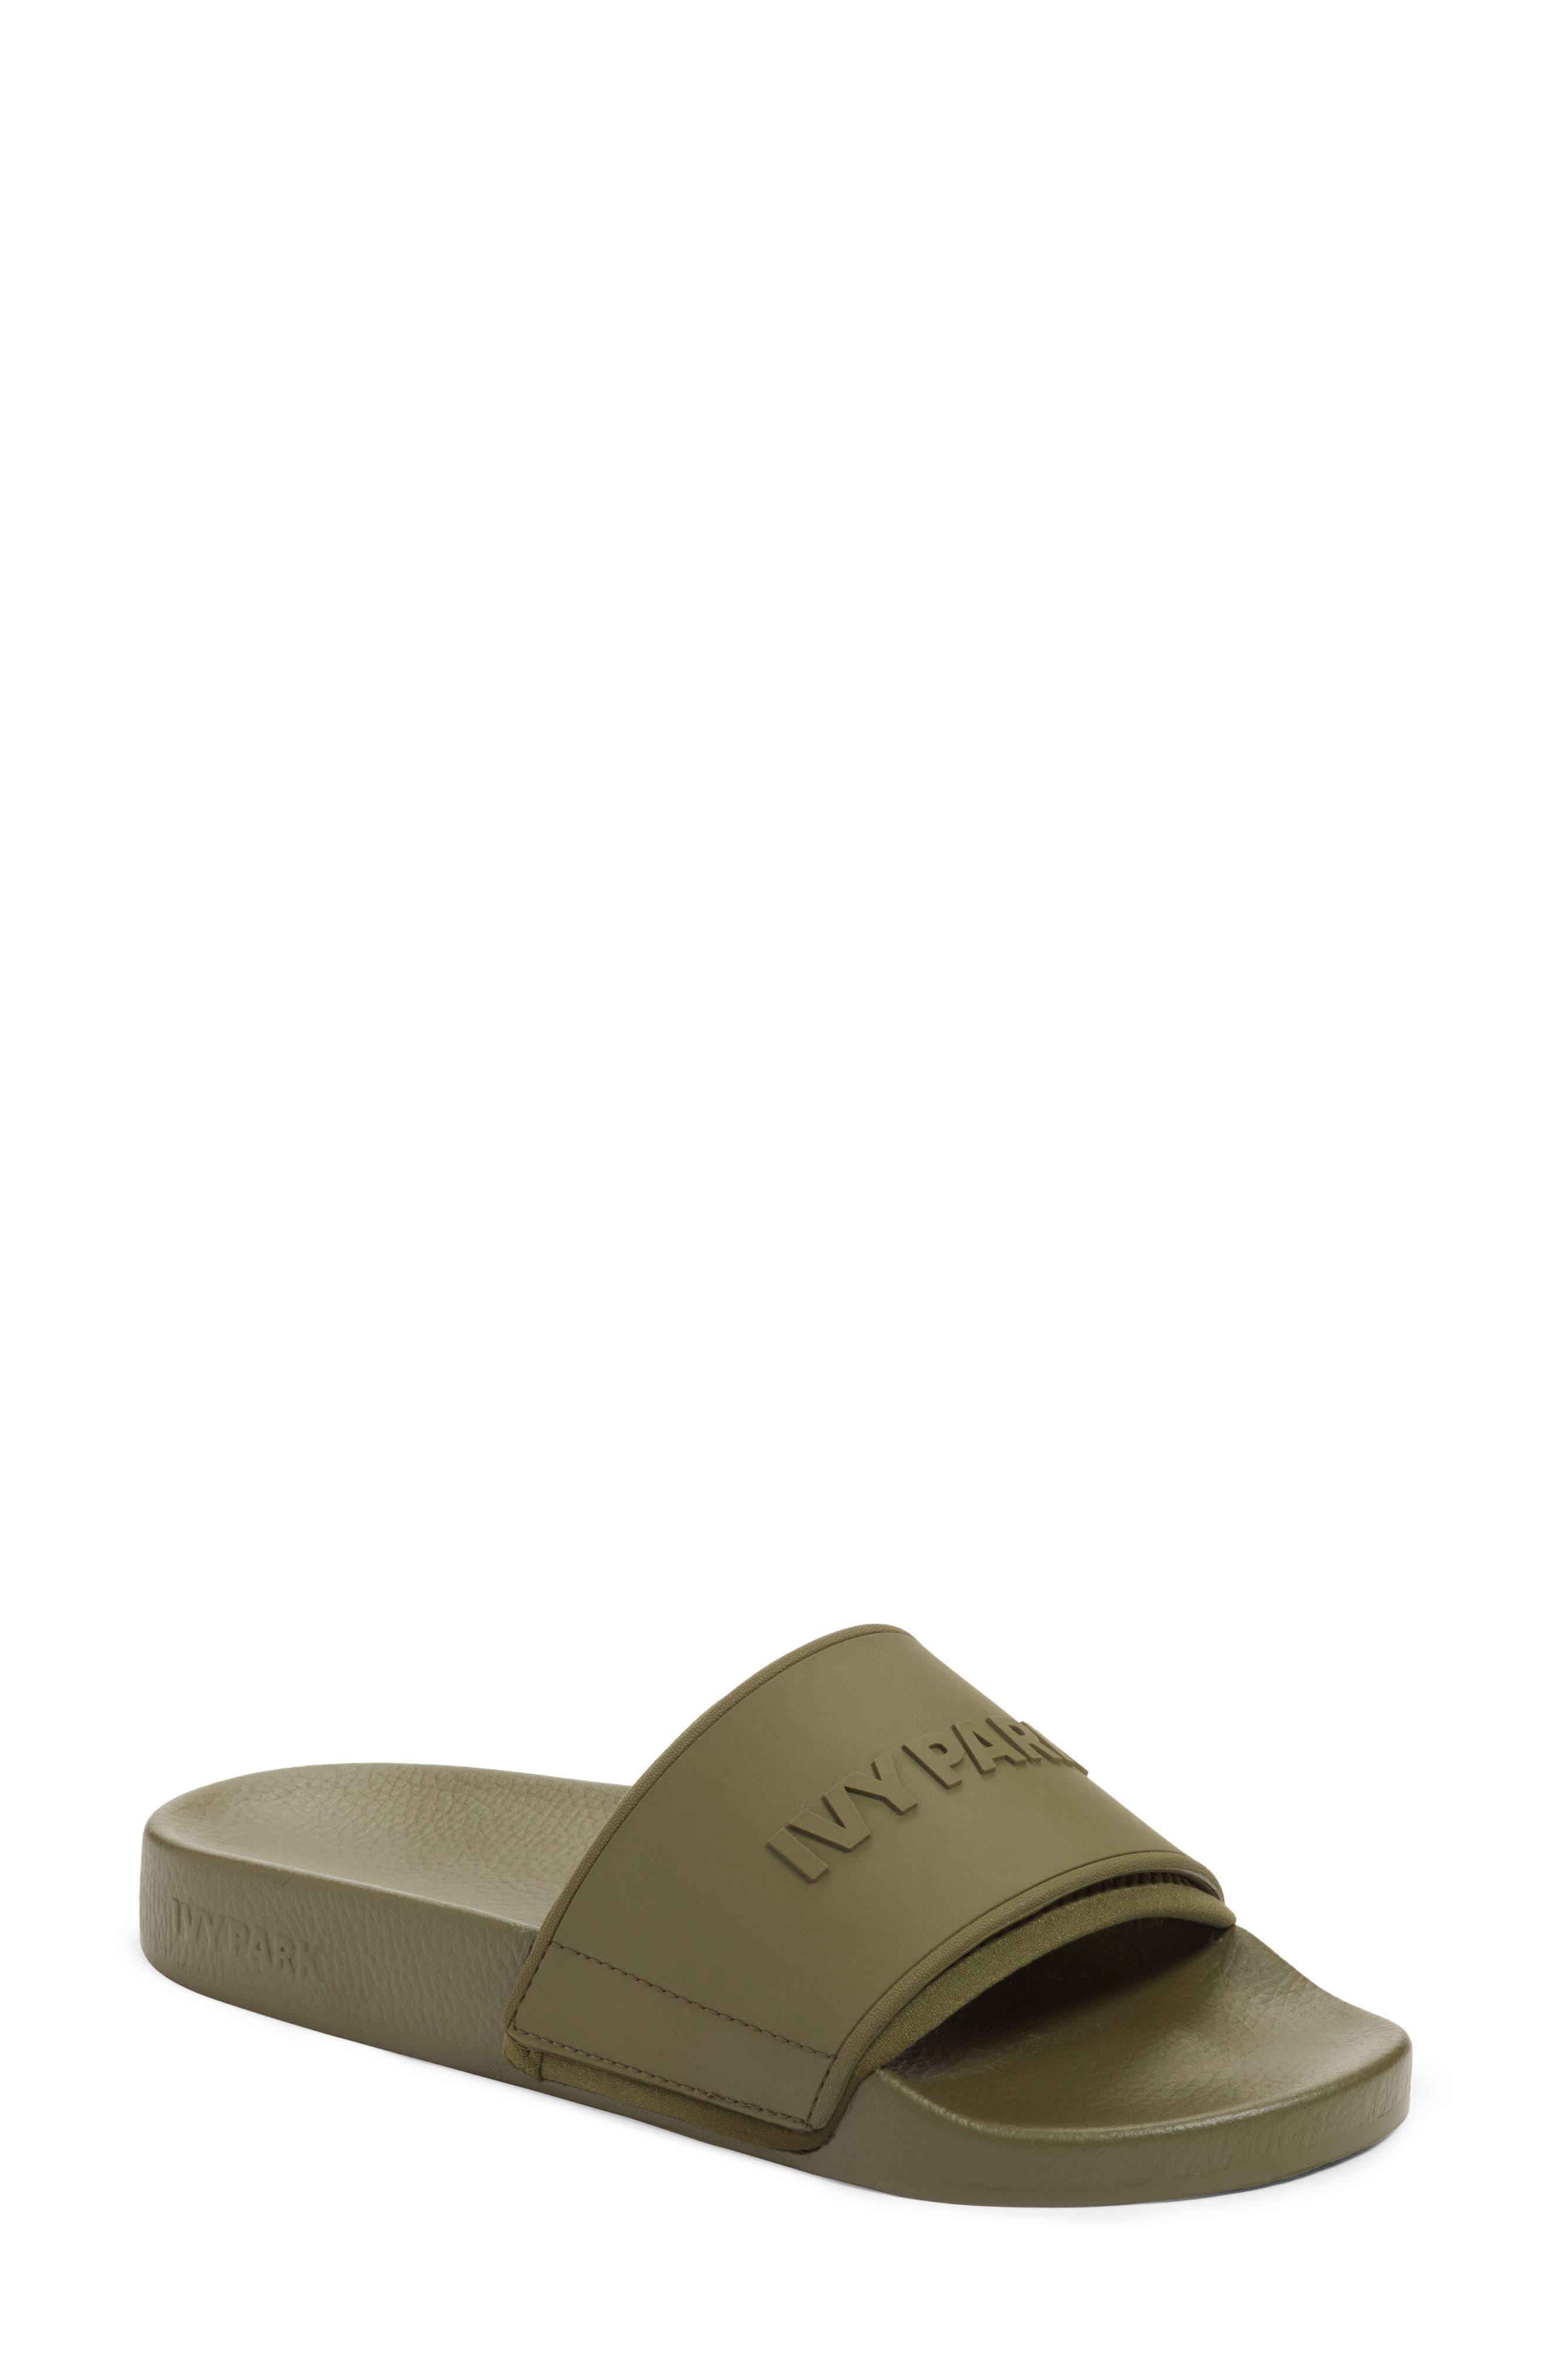 Main Image - IVY PARK® Embossed Logo Sock Slide Sandal (Women)